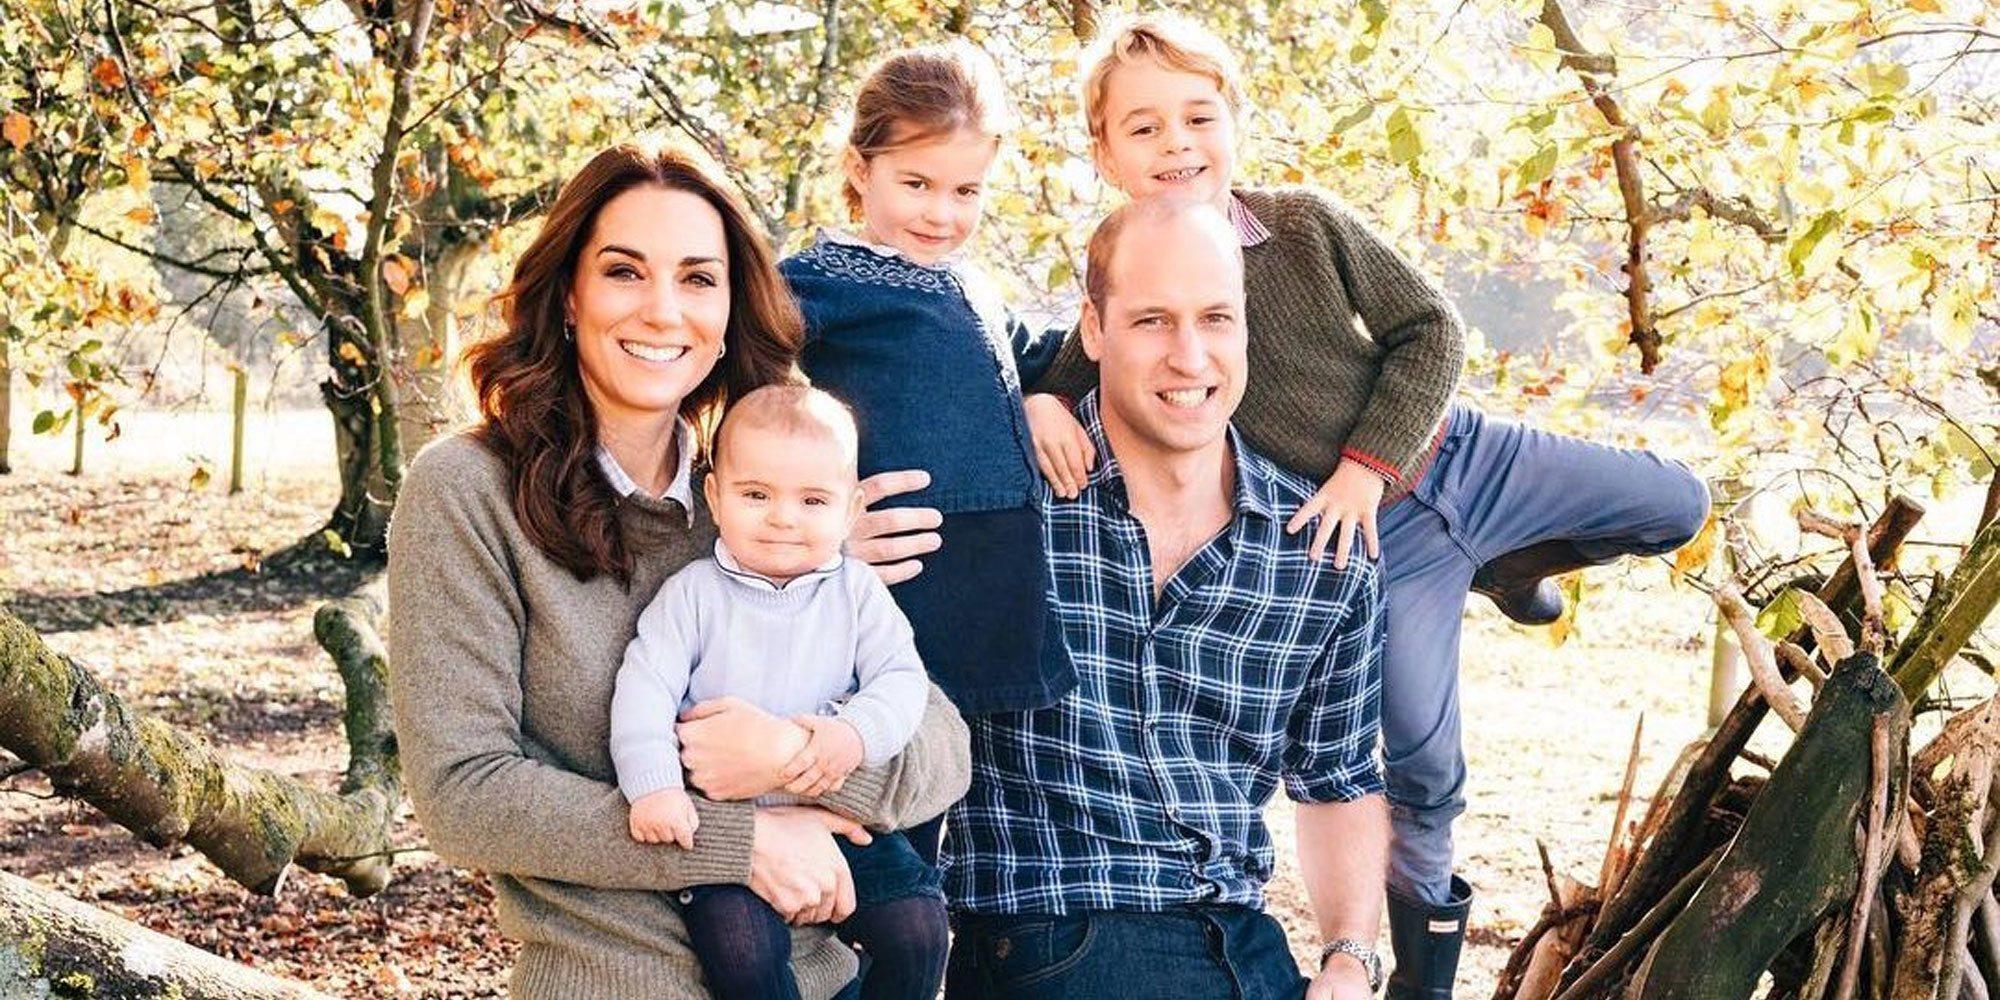 Los problemas del Príncipe Guillermo y Kate Middleton con sus hijos Jorge, Carlota y Luis a la hora de la cena